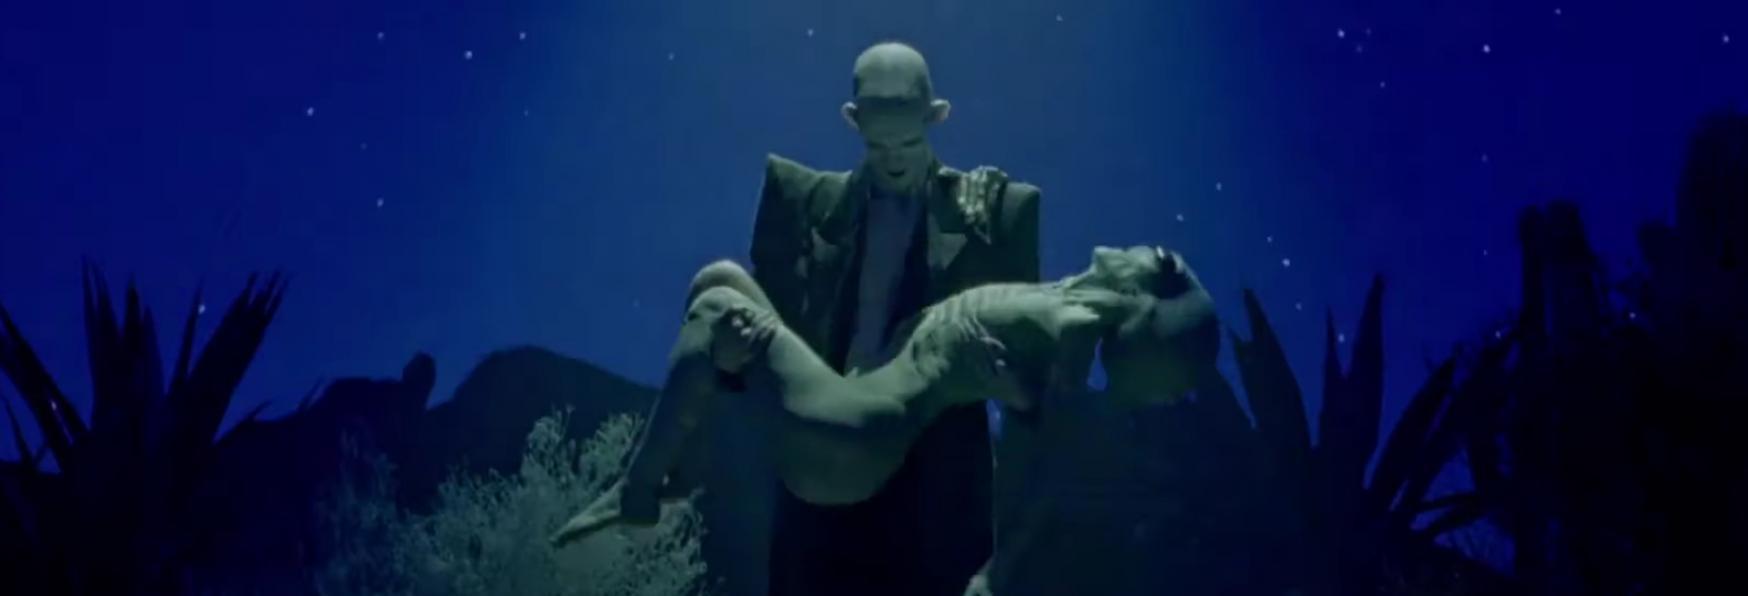 American Horror Story 10: il Nuovo Poster svela il Ritorno degli Alieni